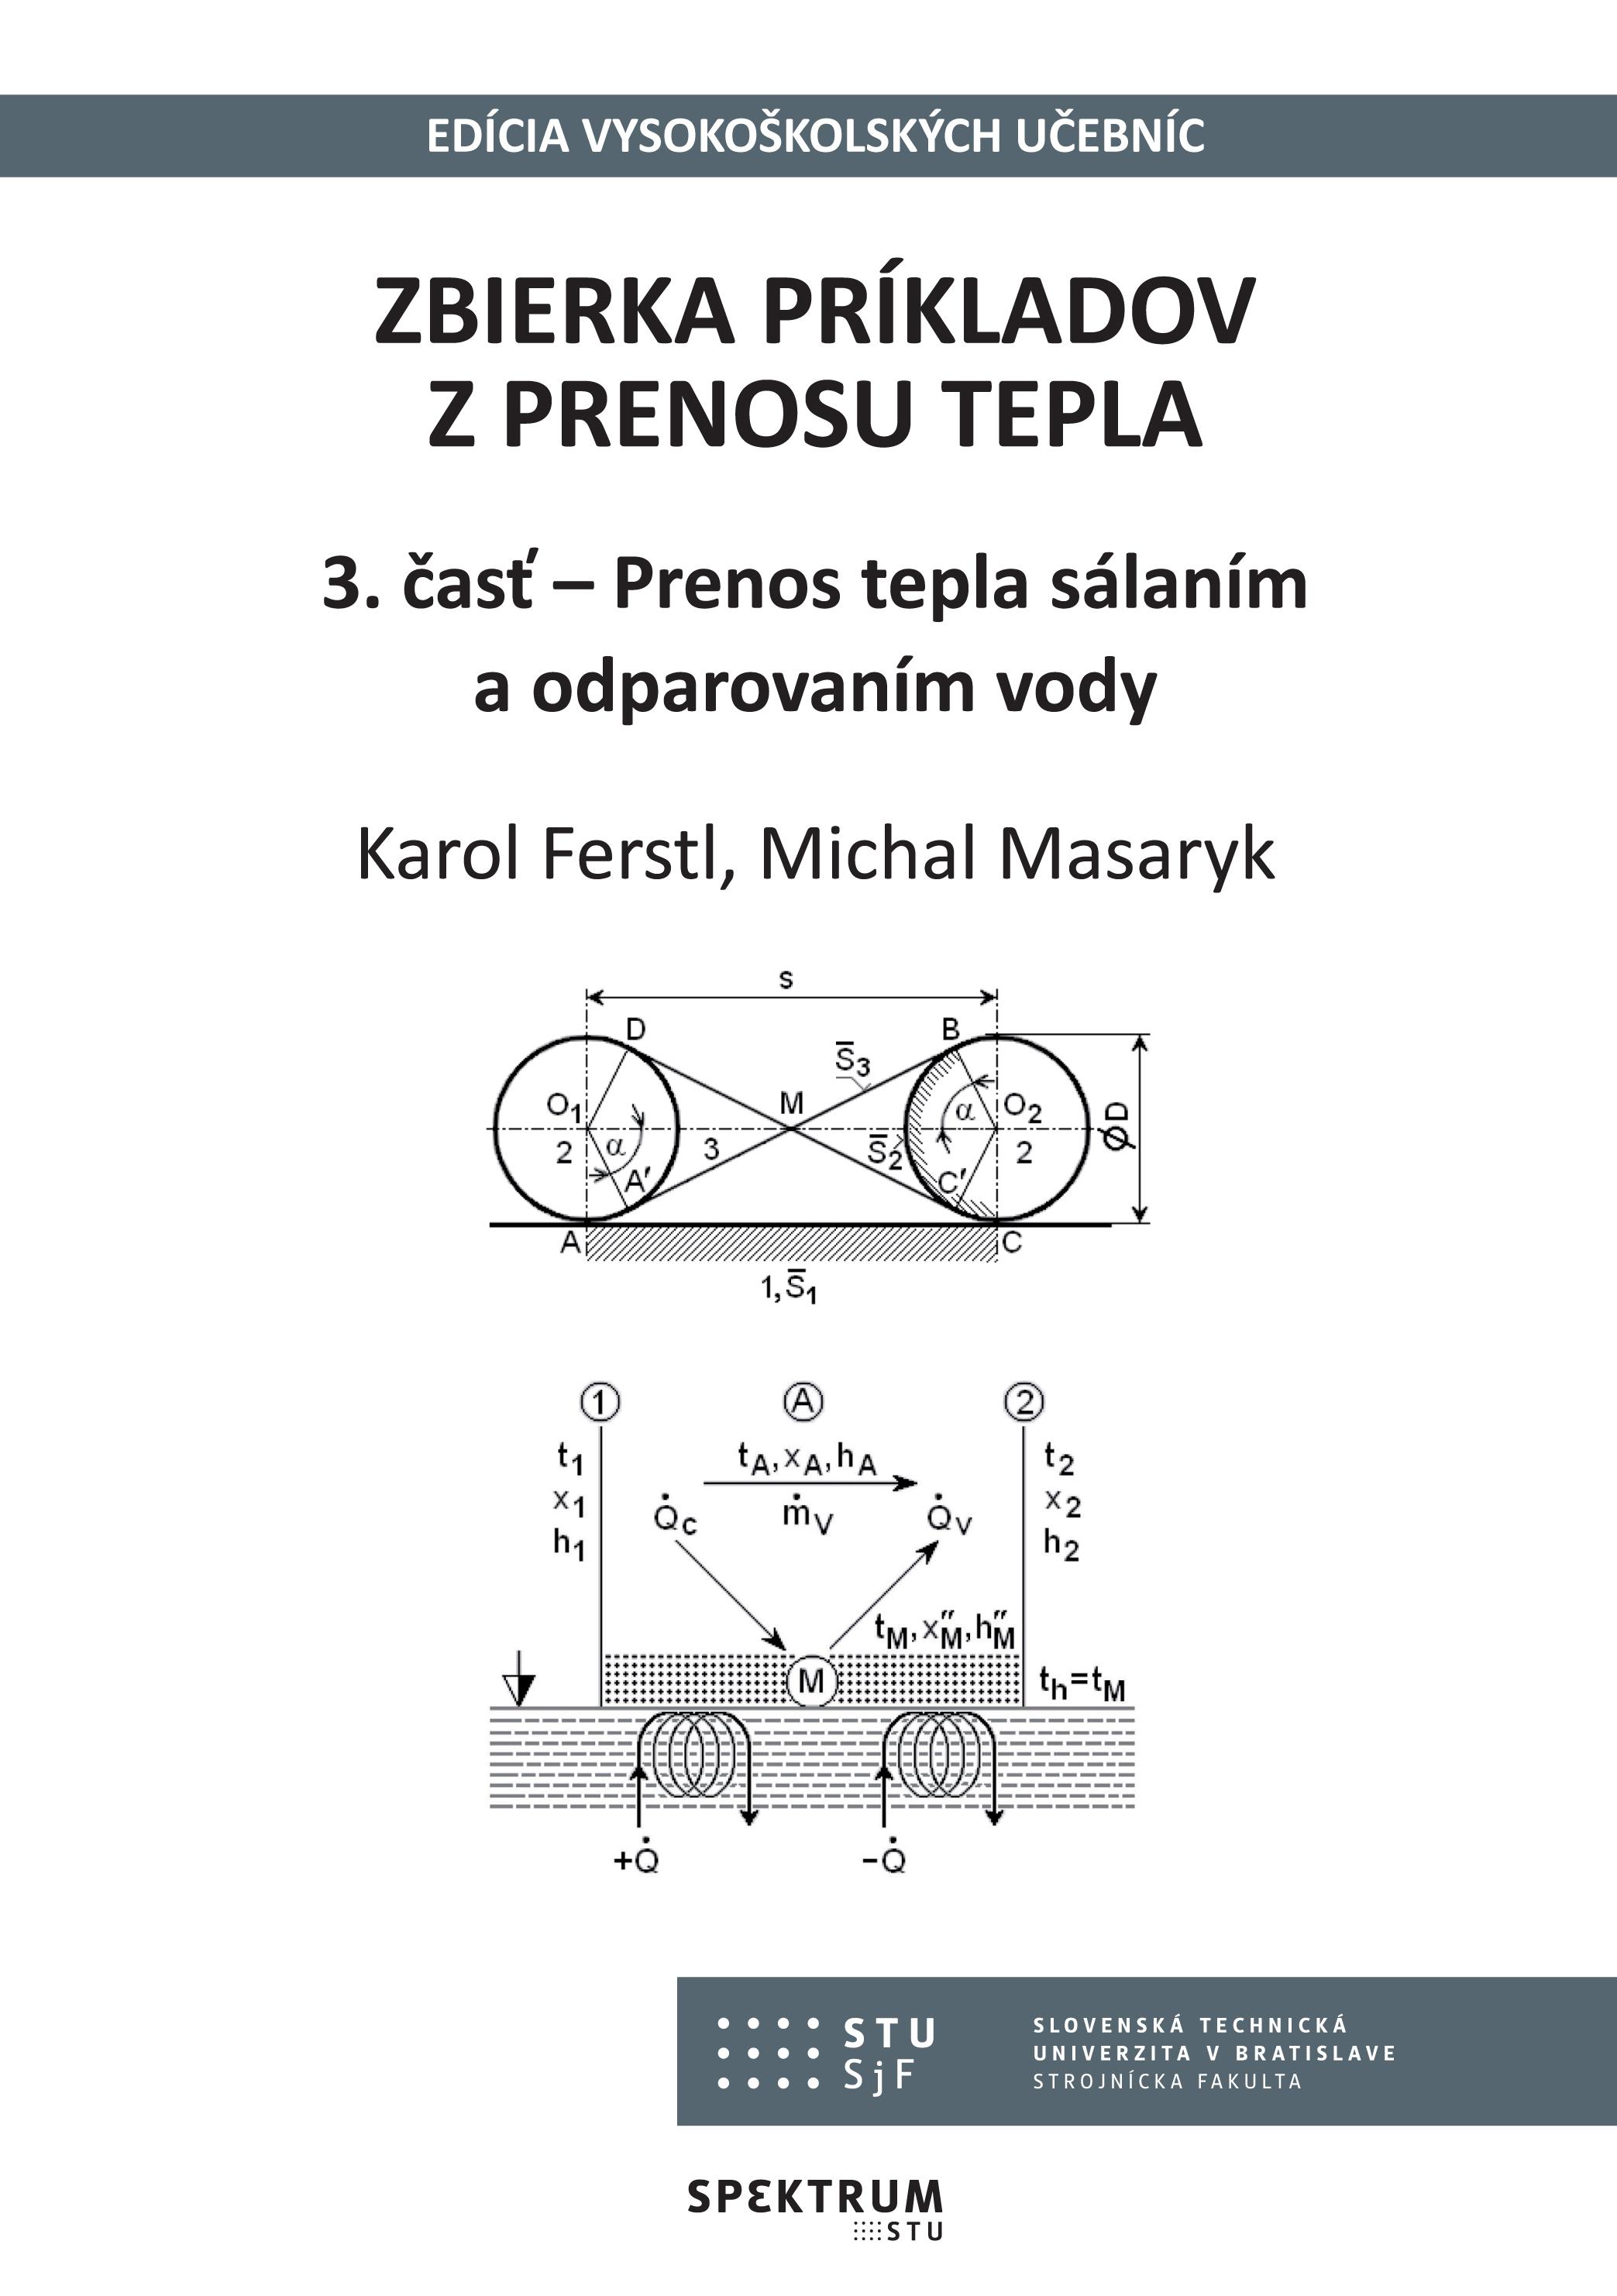 Zbierka príkladov z prenosu tepla 3. časť - Prenos tepla sálaním a odparovaním vody